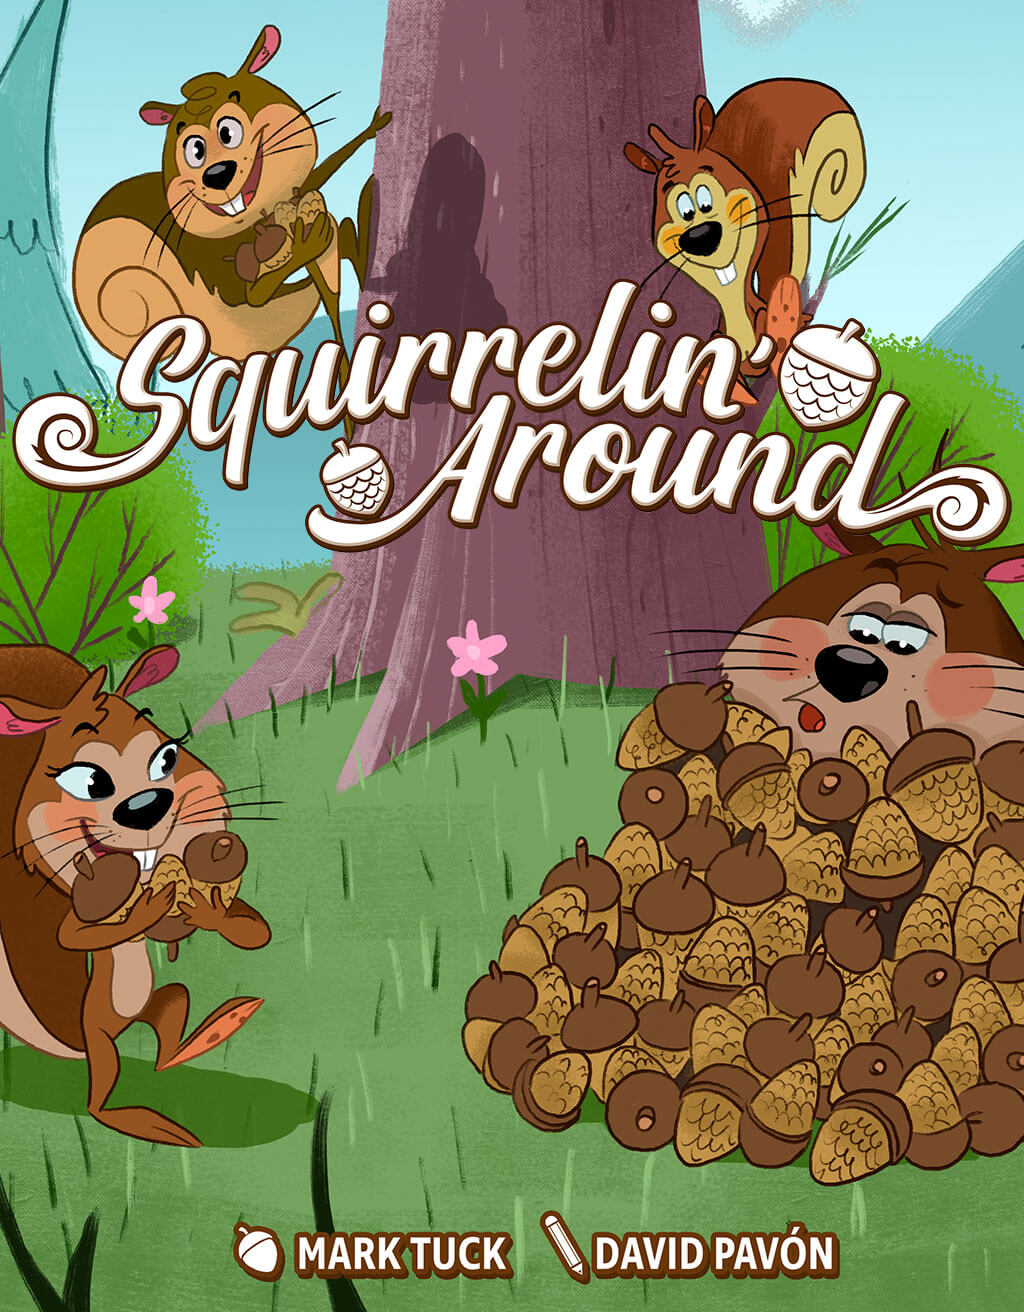 Squirrelin' Around